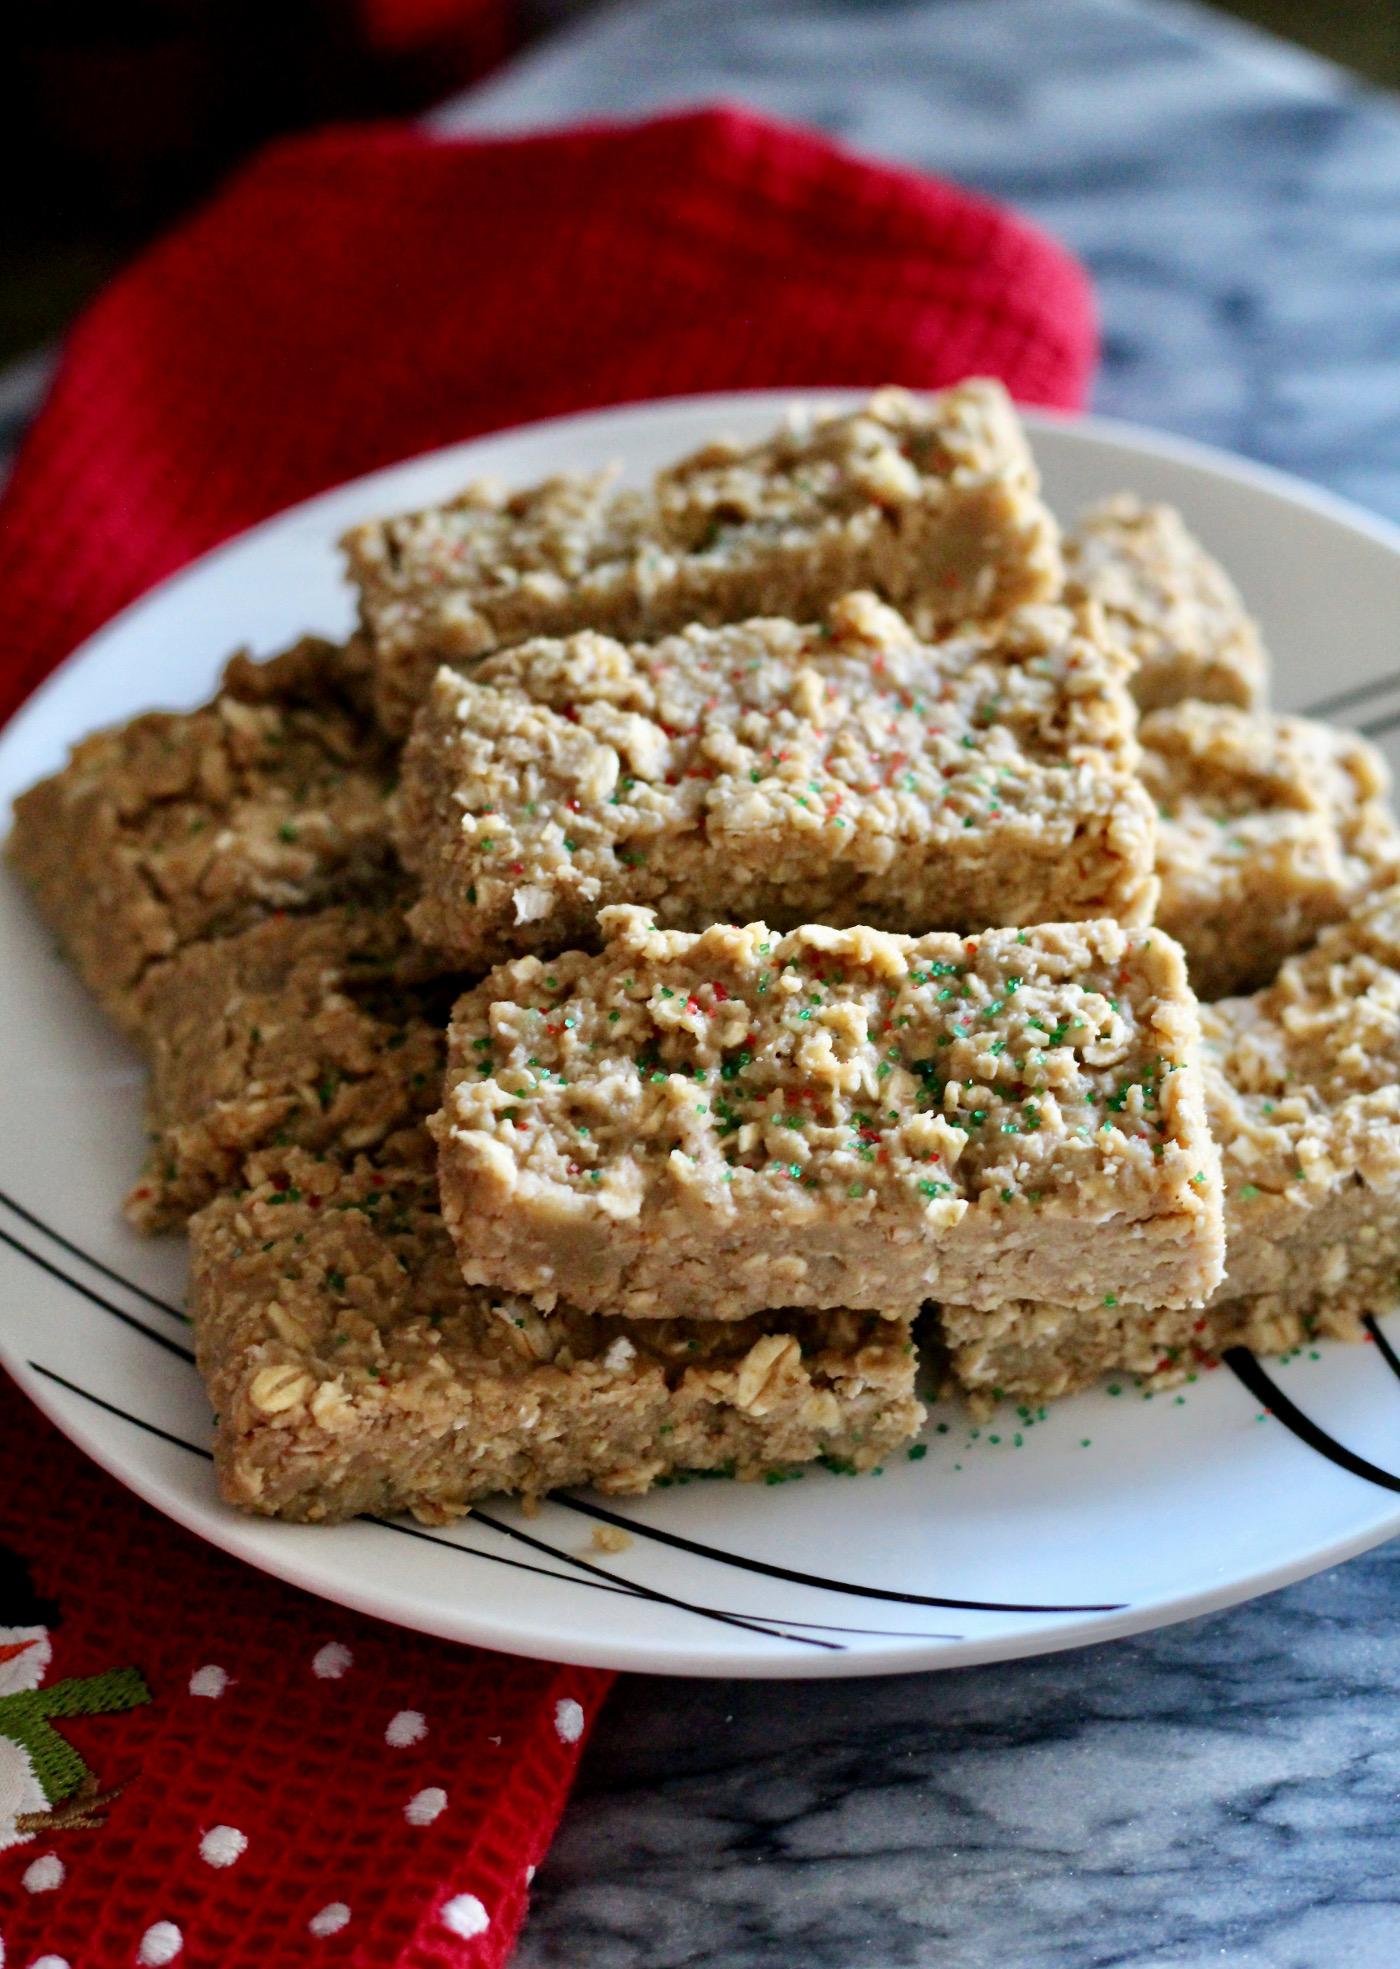 6-Ingredient Sugar Cookie Protein Bars